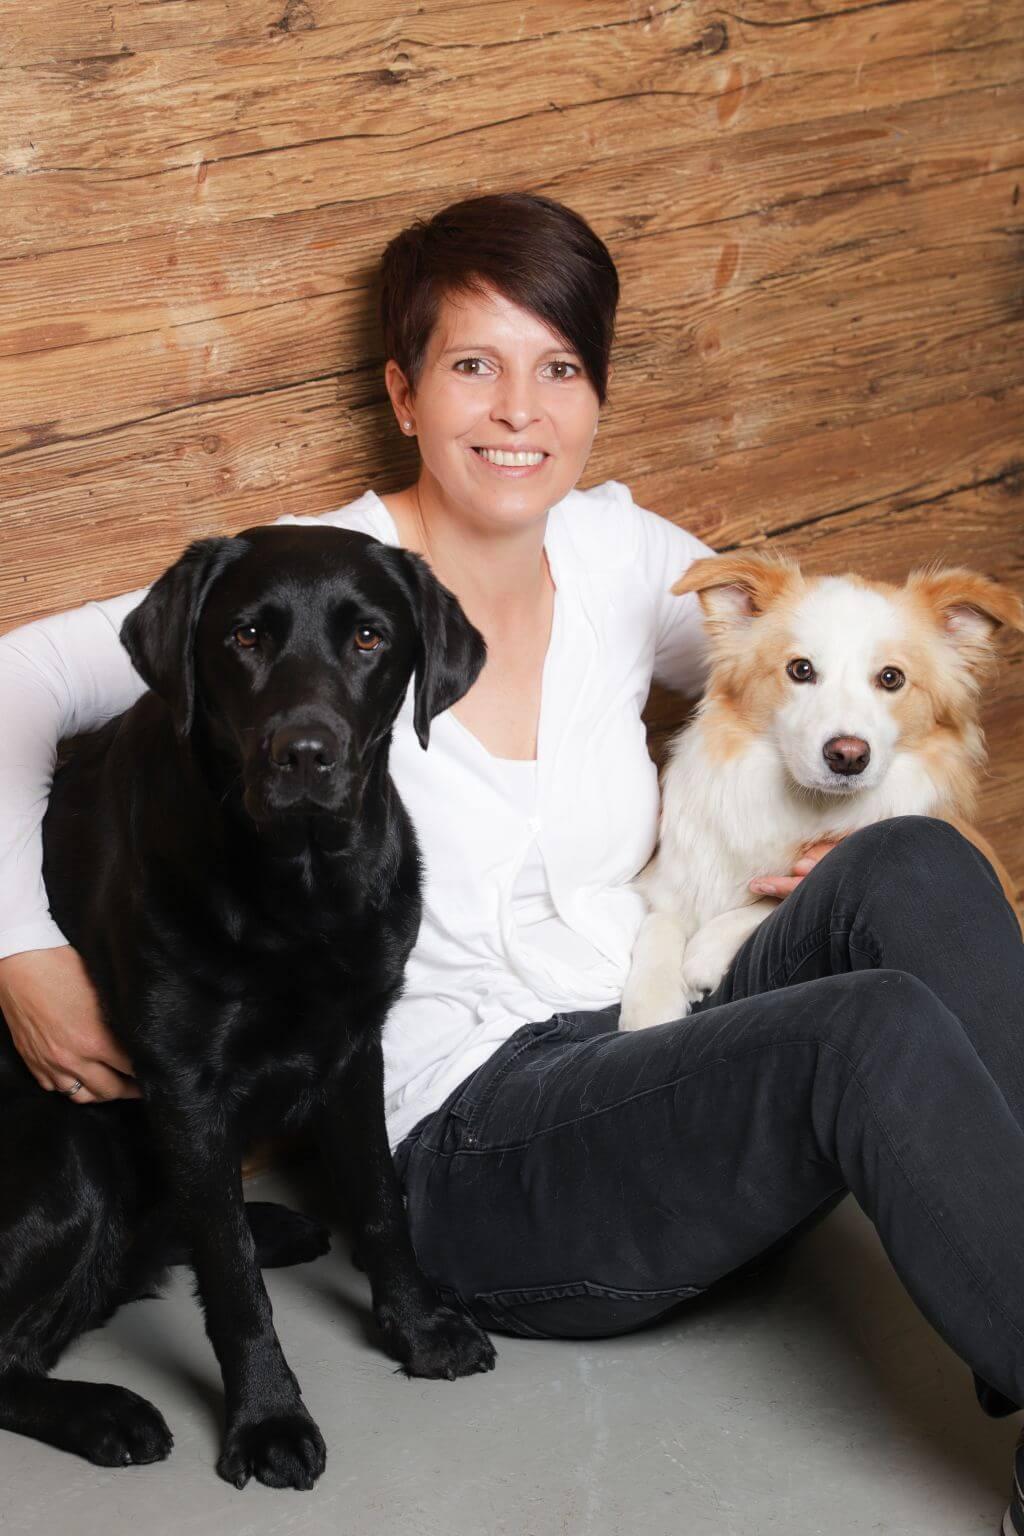 Hundetrainerin Anja Mersdorf sitzt mit ihren Hunden Cookie und Abbey gemütlich auf dem Boden